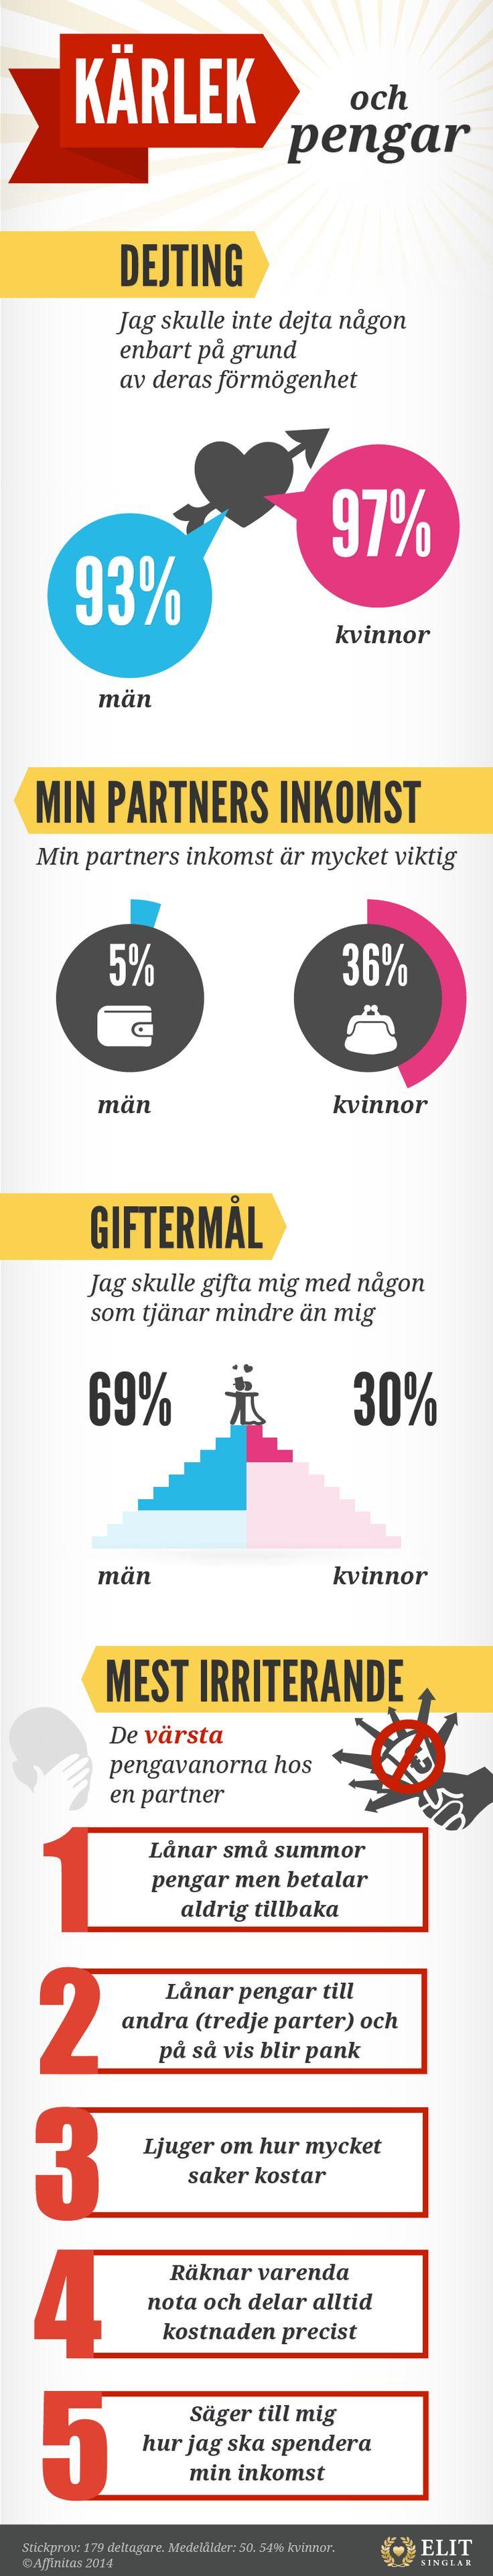 KÄRLEK  och pengar - MIN PARTNERS INKOMST- GIFTERMÅL - MEST IRRITERANDE  Stickprov: 179 deltagare. Medelålder: 50. 54% kvinnor. © Affinitas 2014